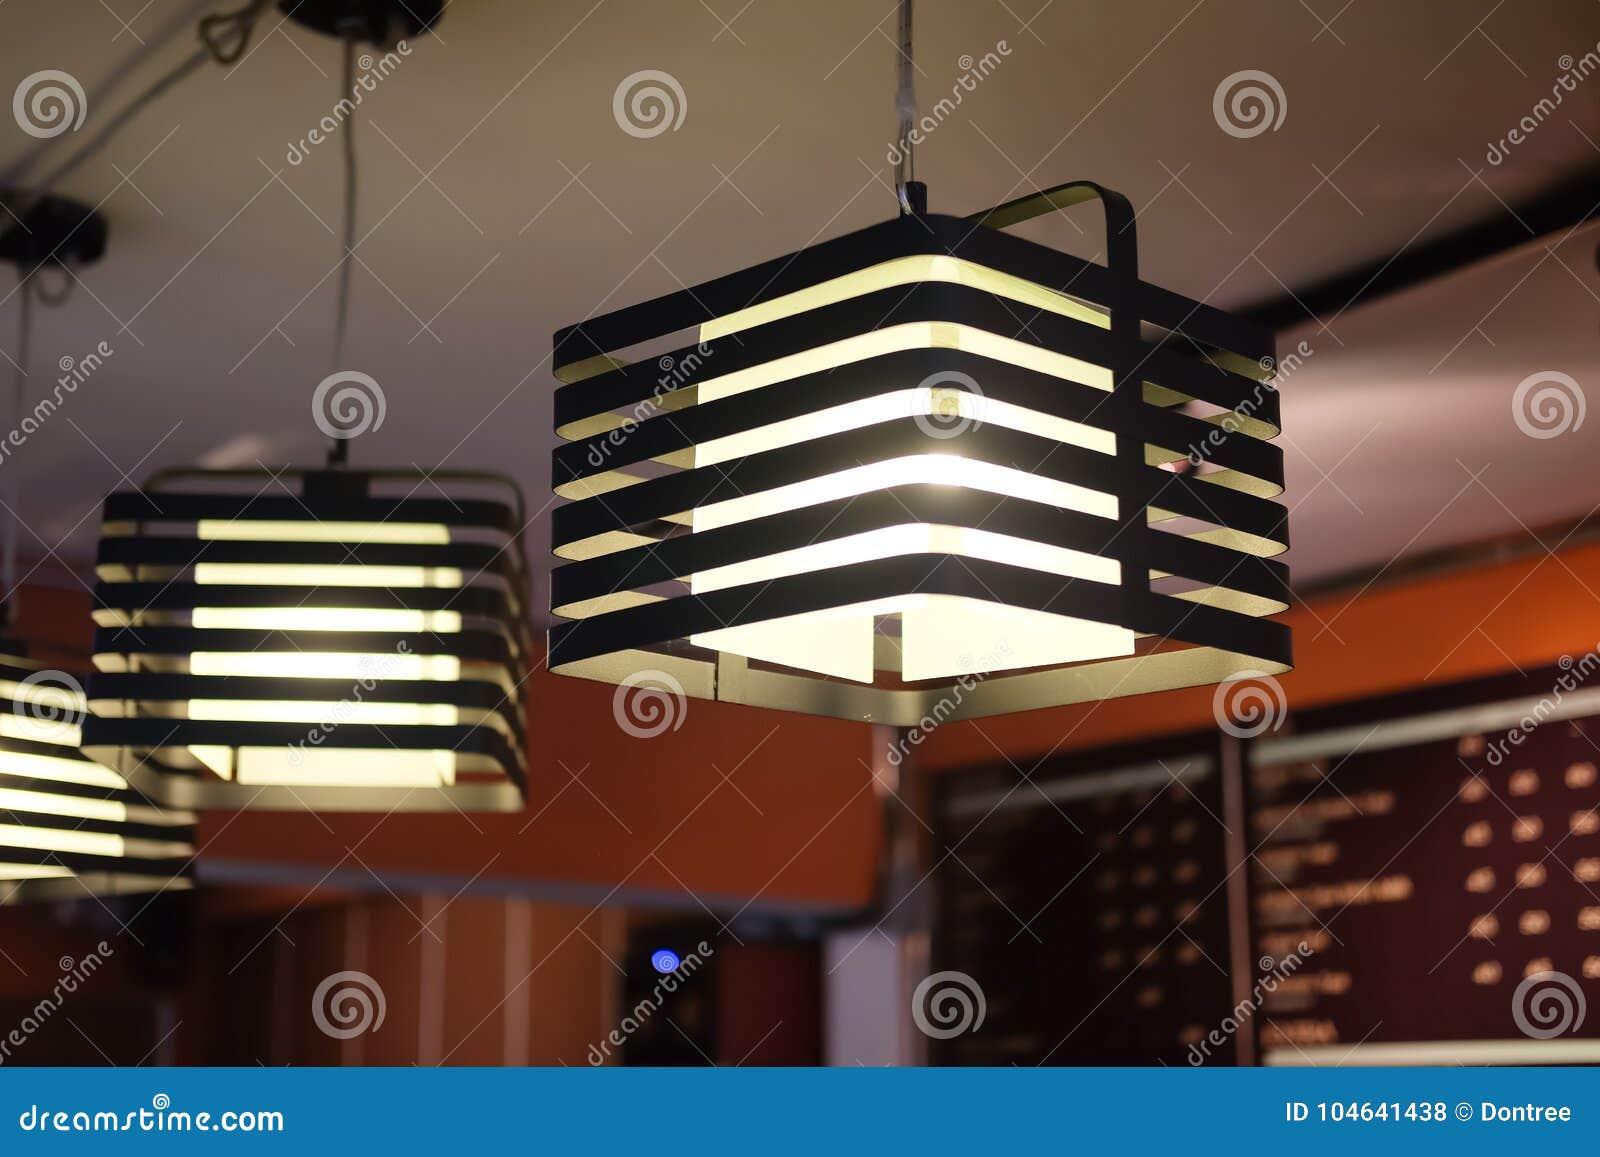 Download De Warme Lamp Van De Toon Gloeilamp Stock Foto - Afbeelding bestaande uit hanging, koffie: 104641438